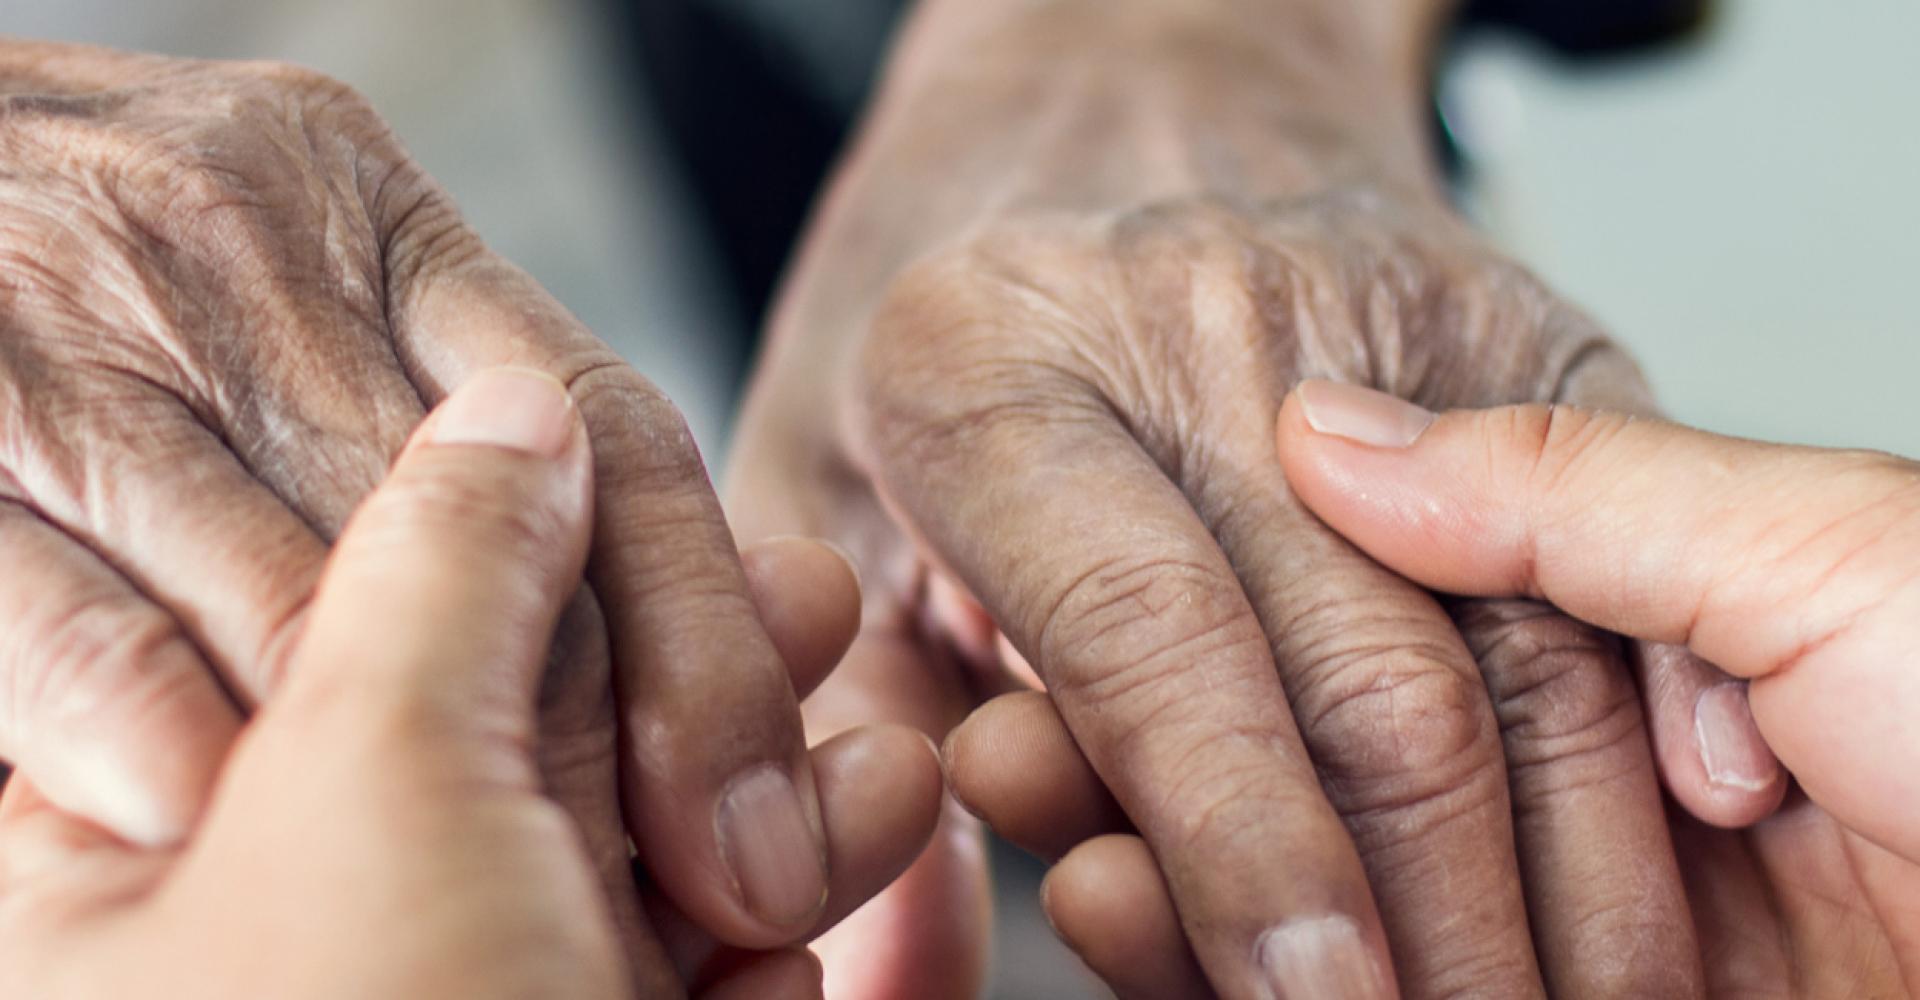 zorggerelateerde organisaties een platform om zich te profileren en zetten ons in tegen eenzaamheid.